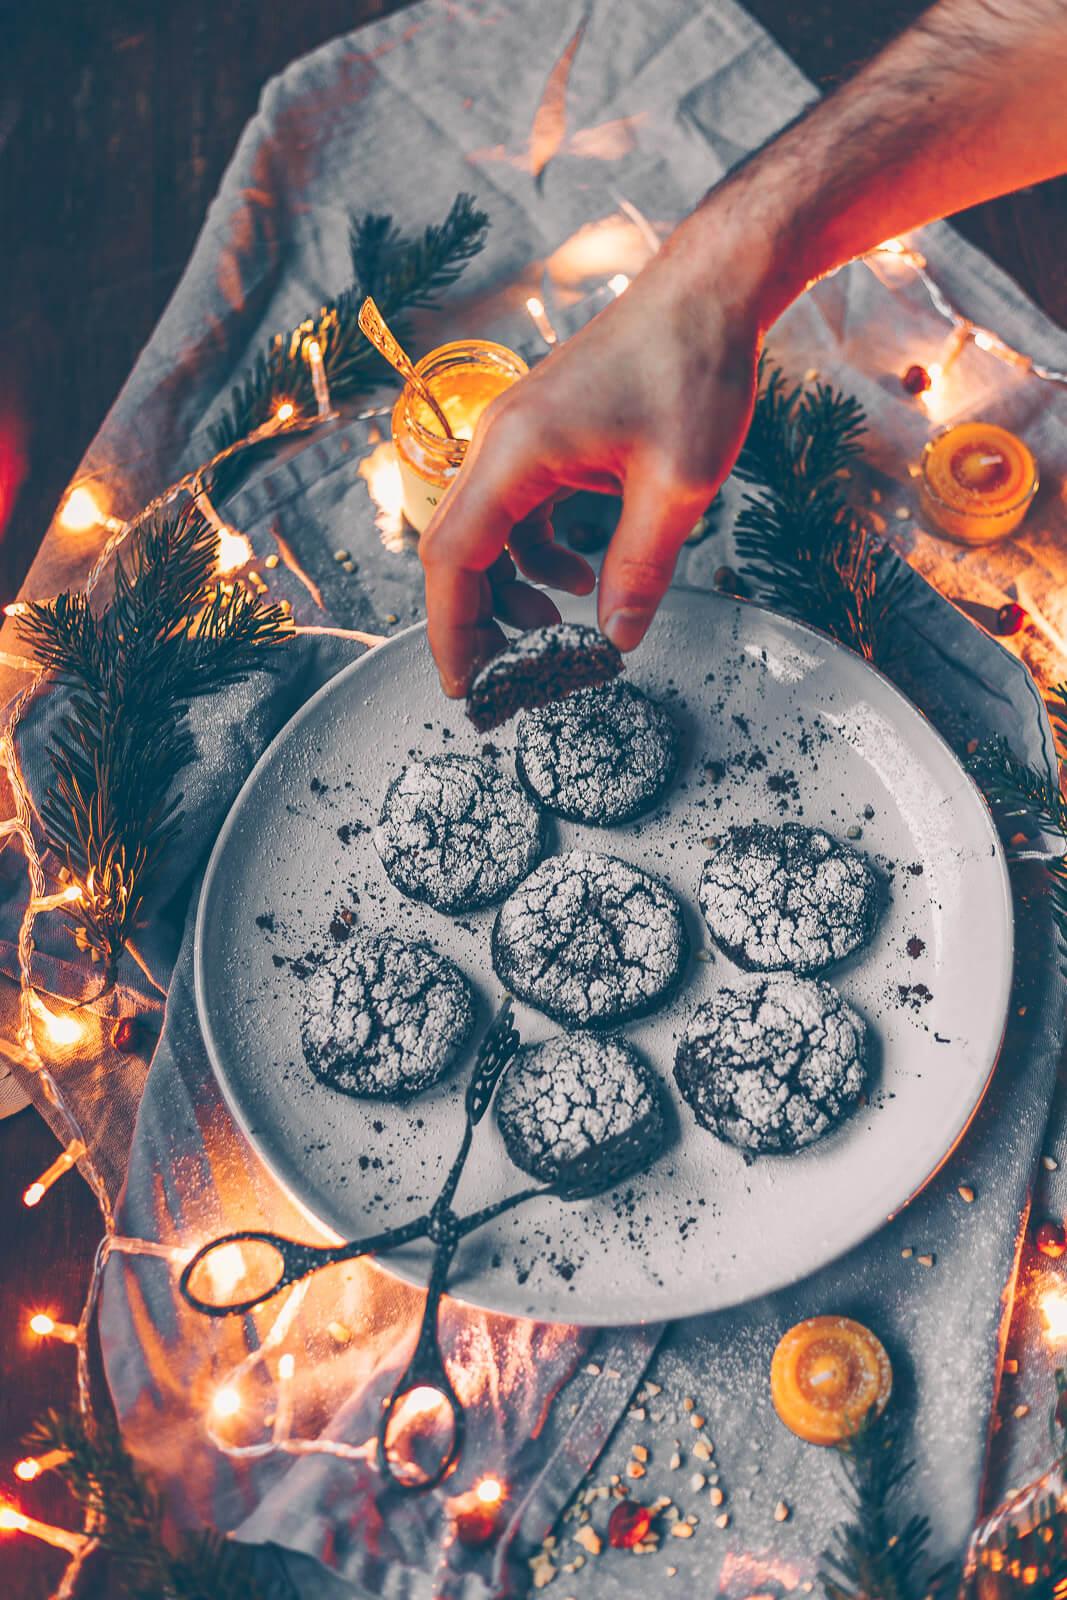 Schokoladen Weihnachtskekse.Lebkuchige Schoko Wölkchen